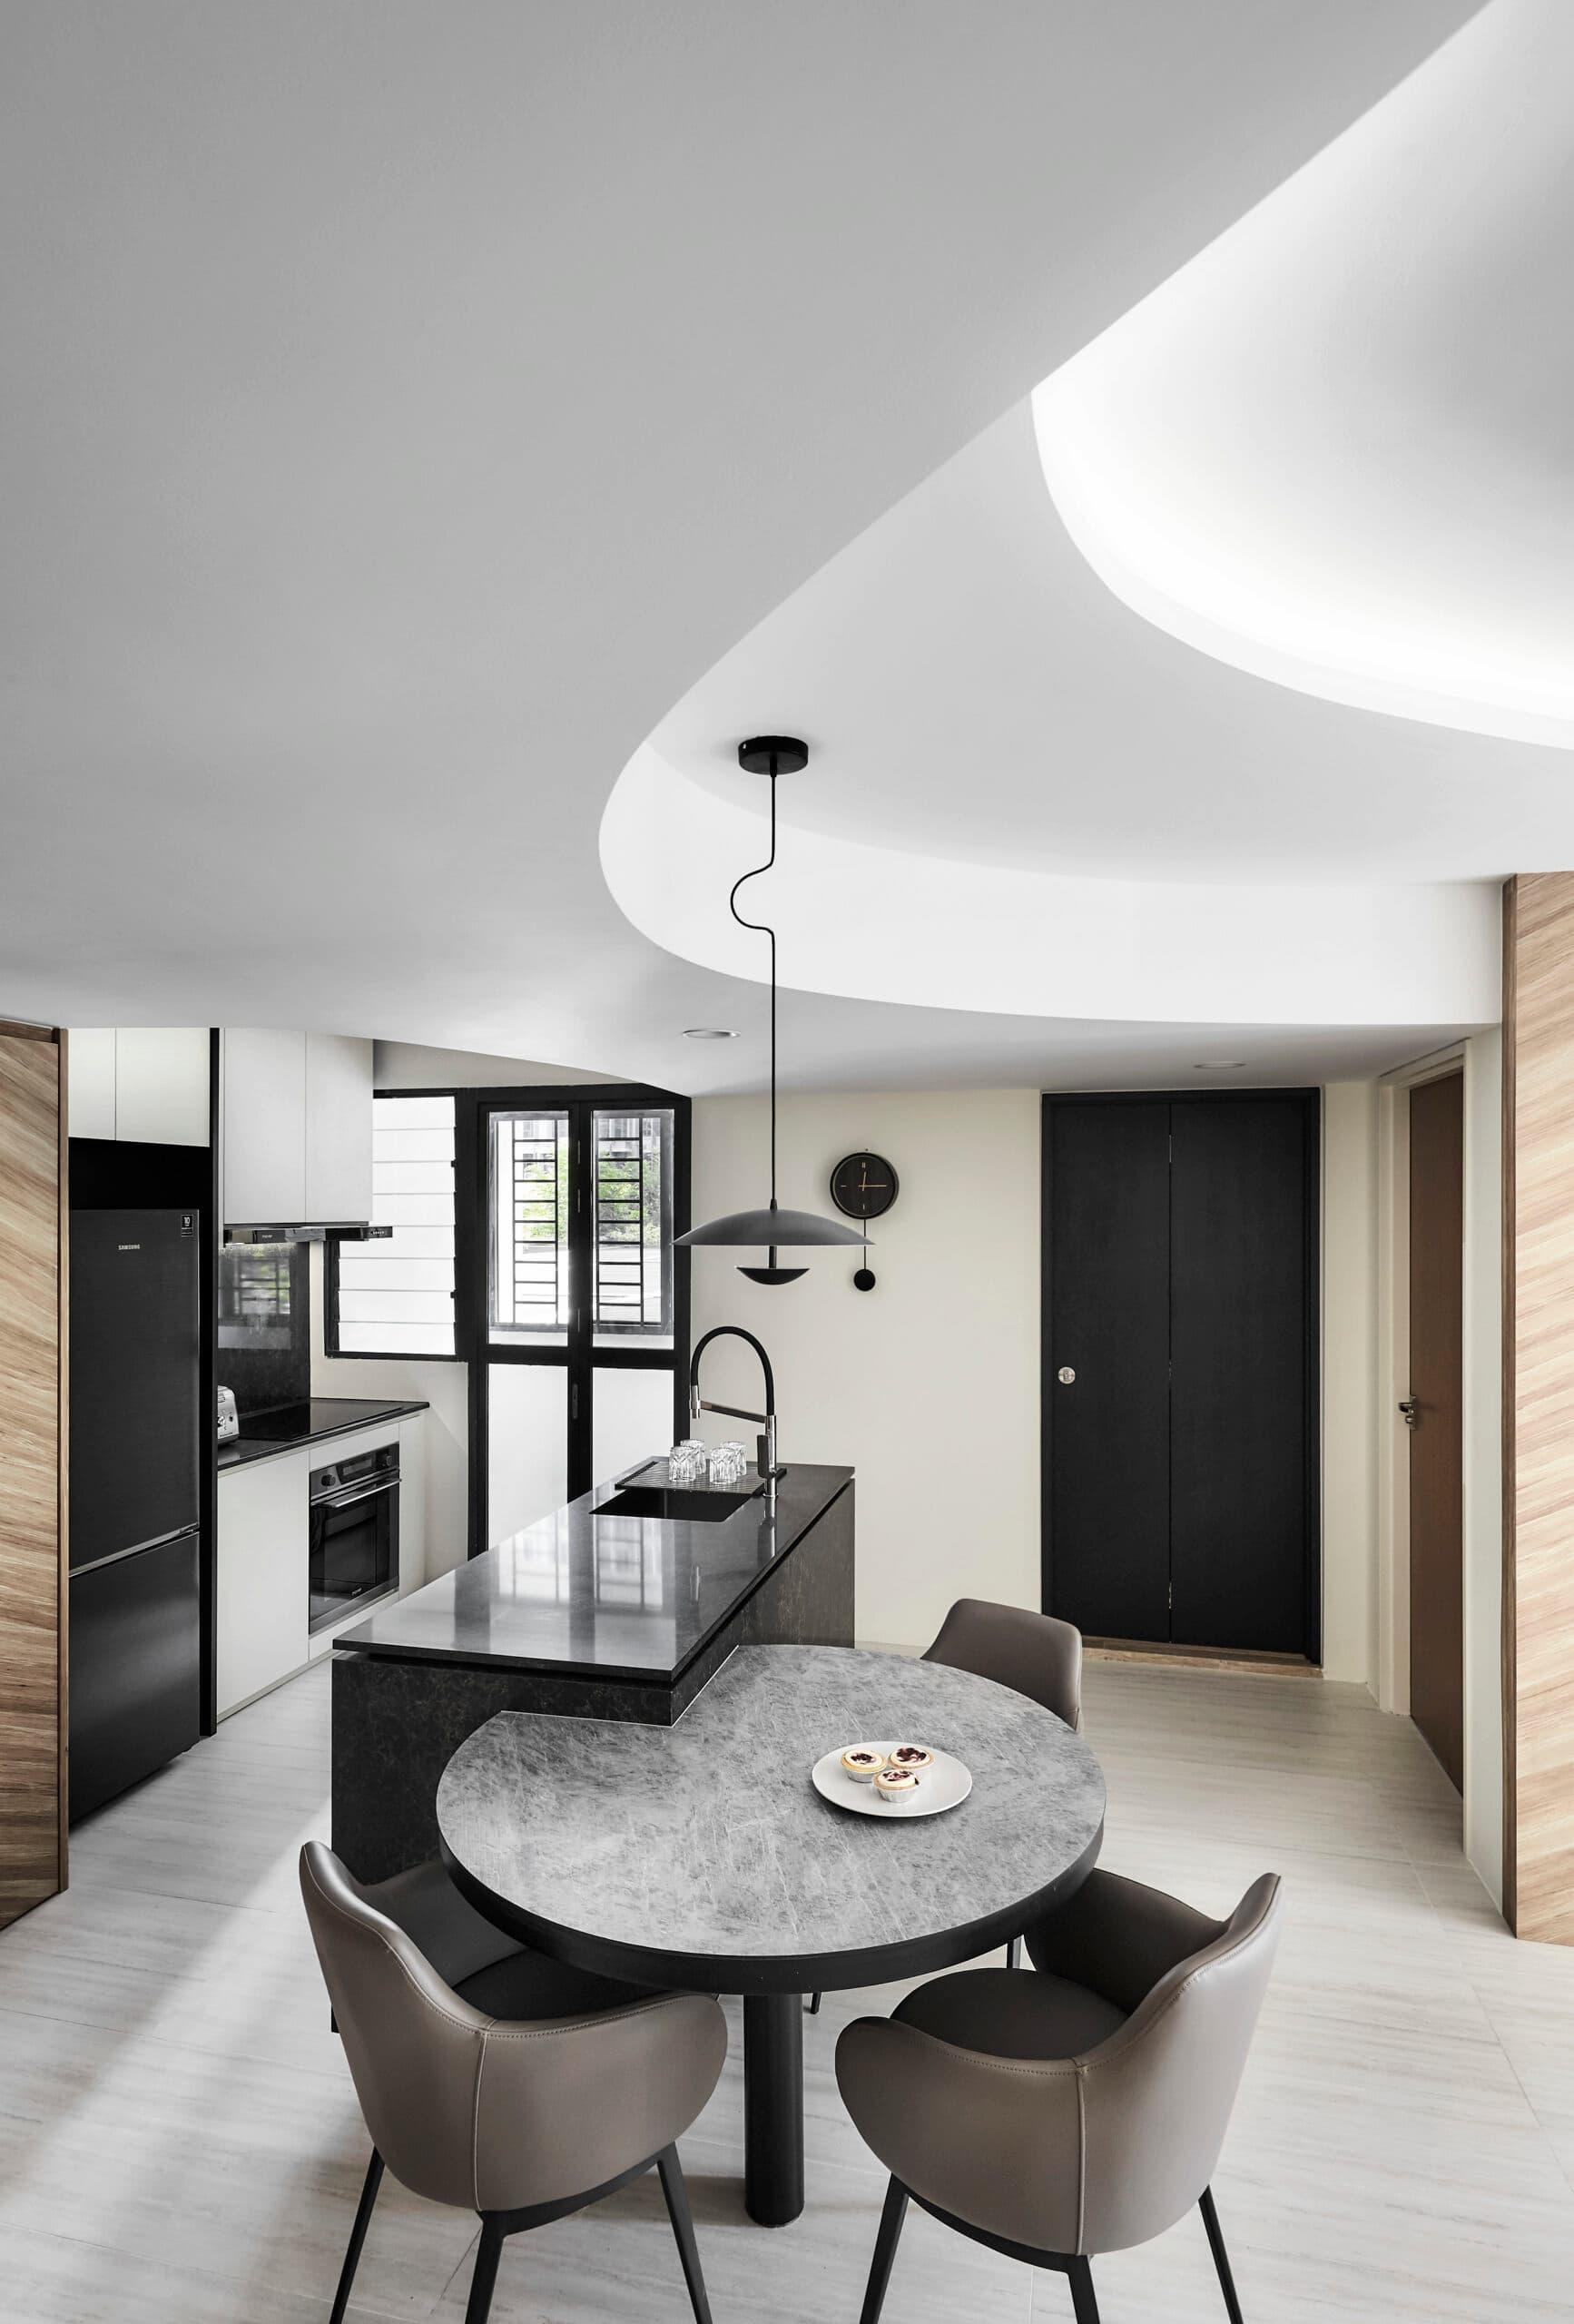 bto dining nook kitchen island